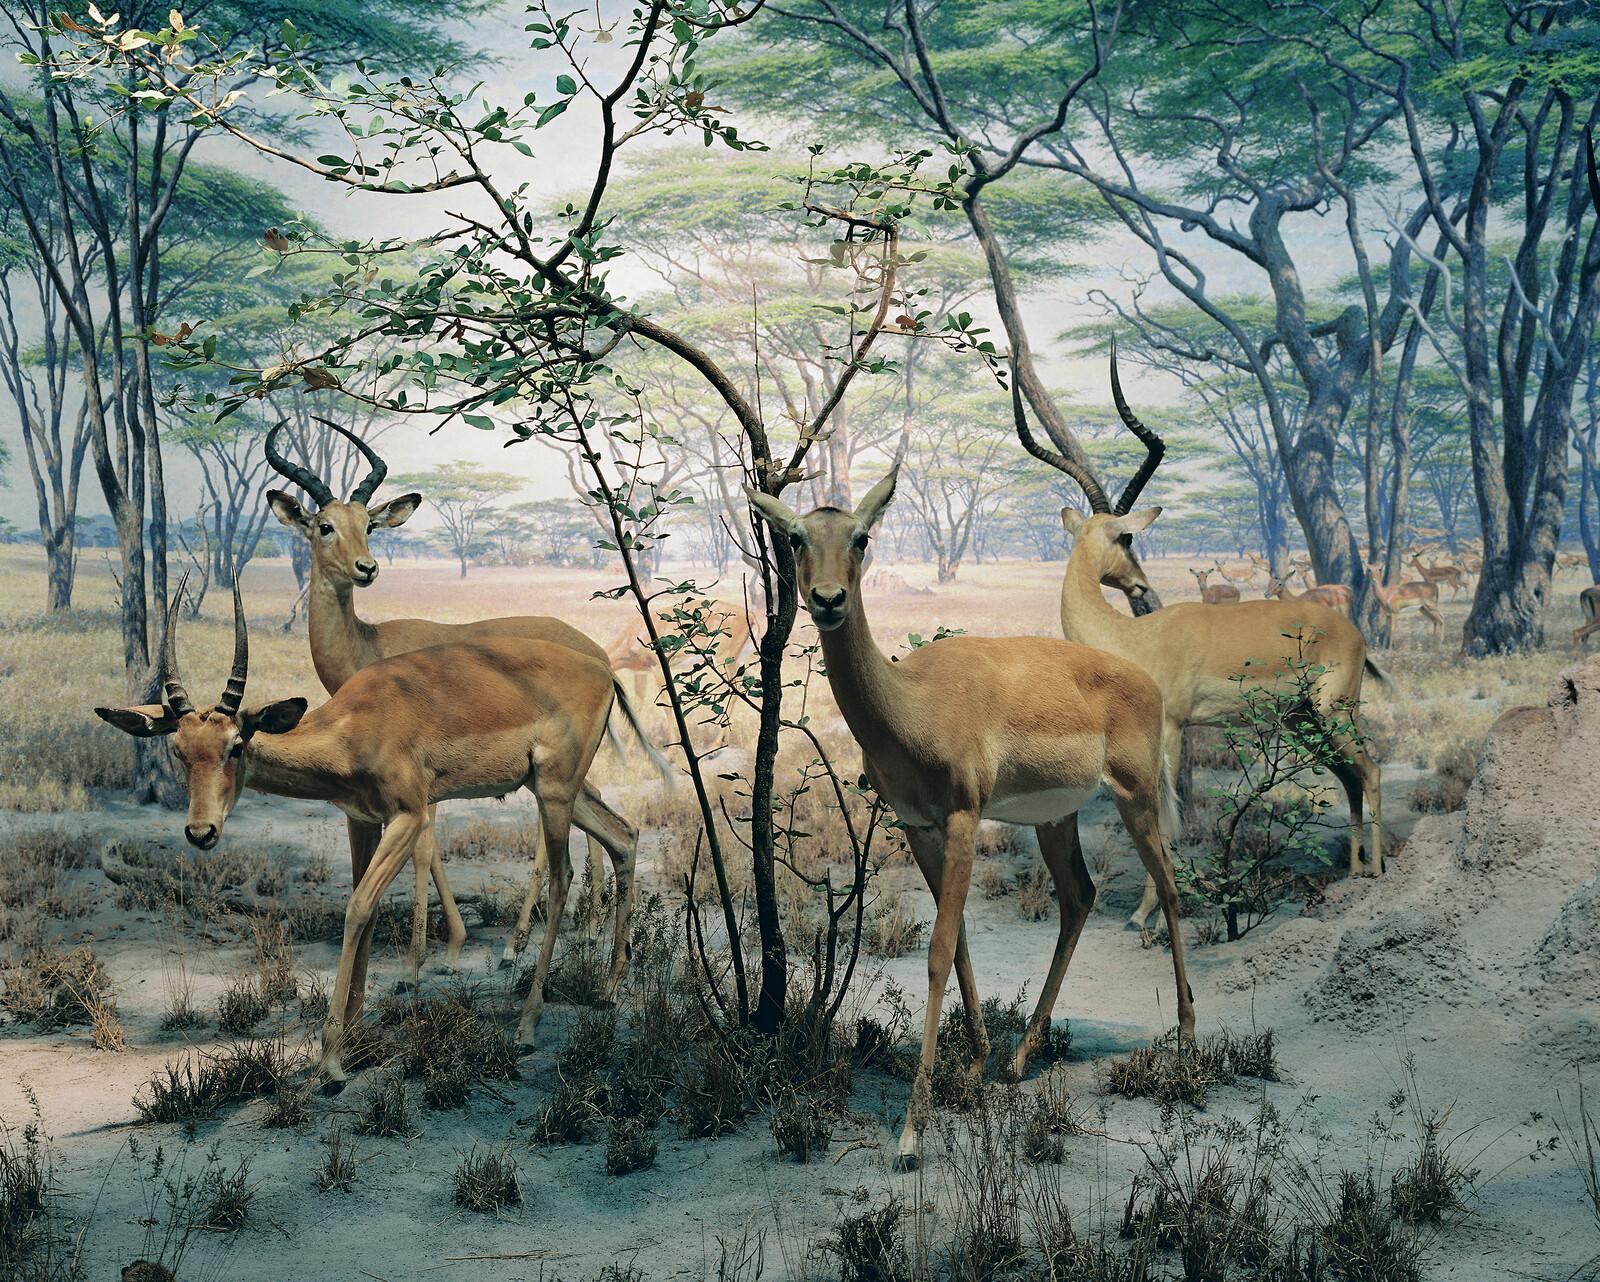 Diorama #8 - Henning Bock